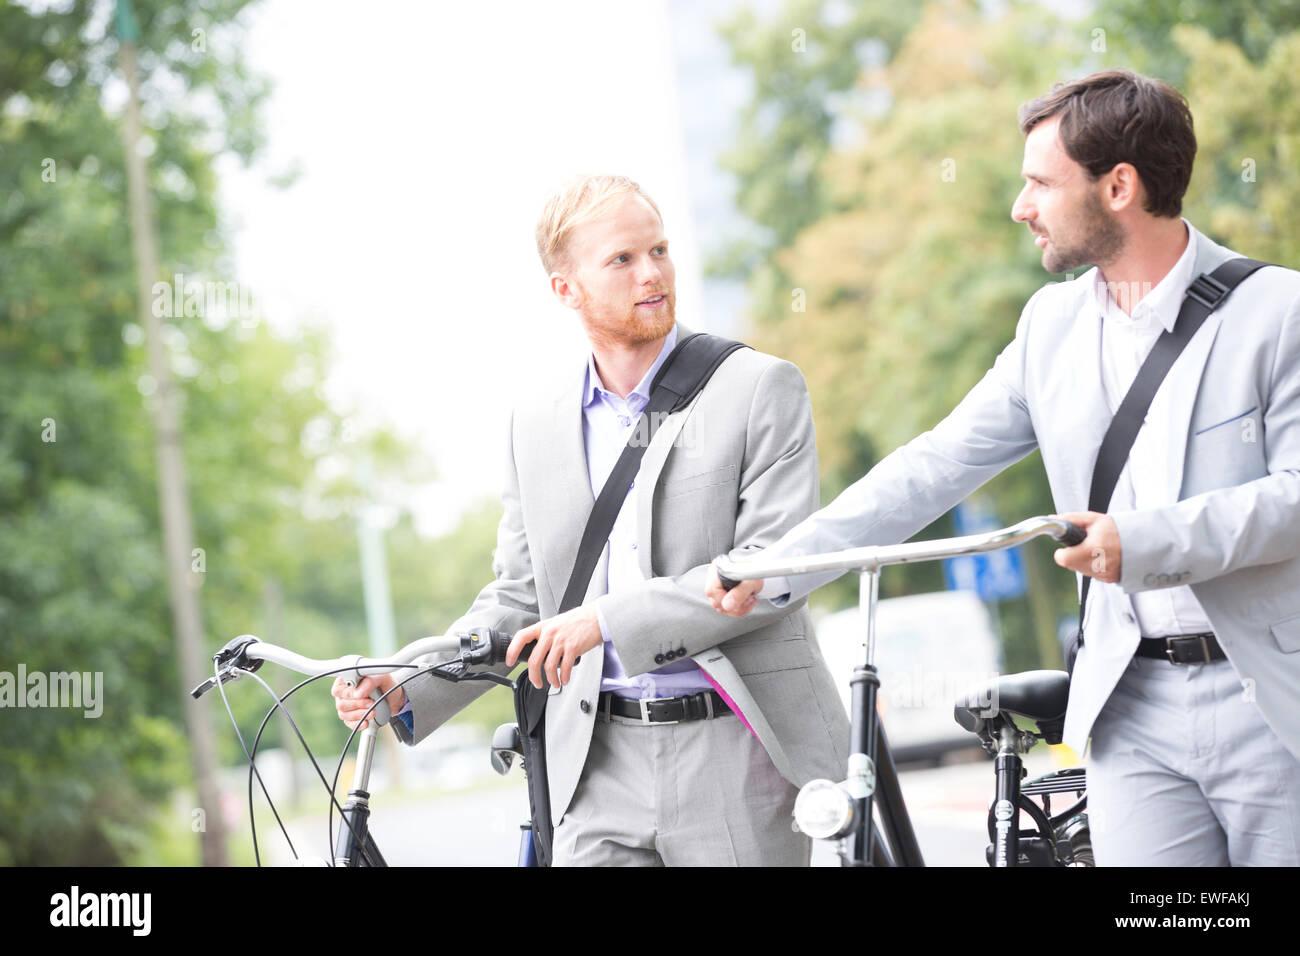 Les hommes d'affaires à l'un l'autre tout en maintenant les vélos à l'extérieur Photo Stock